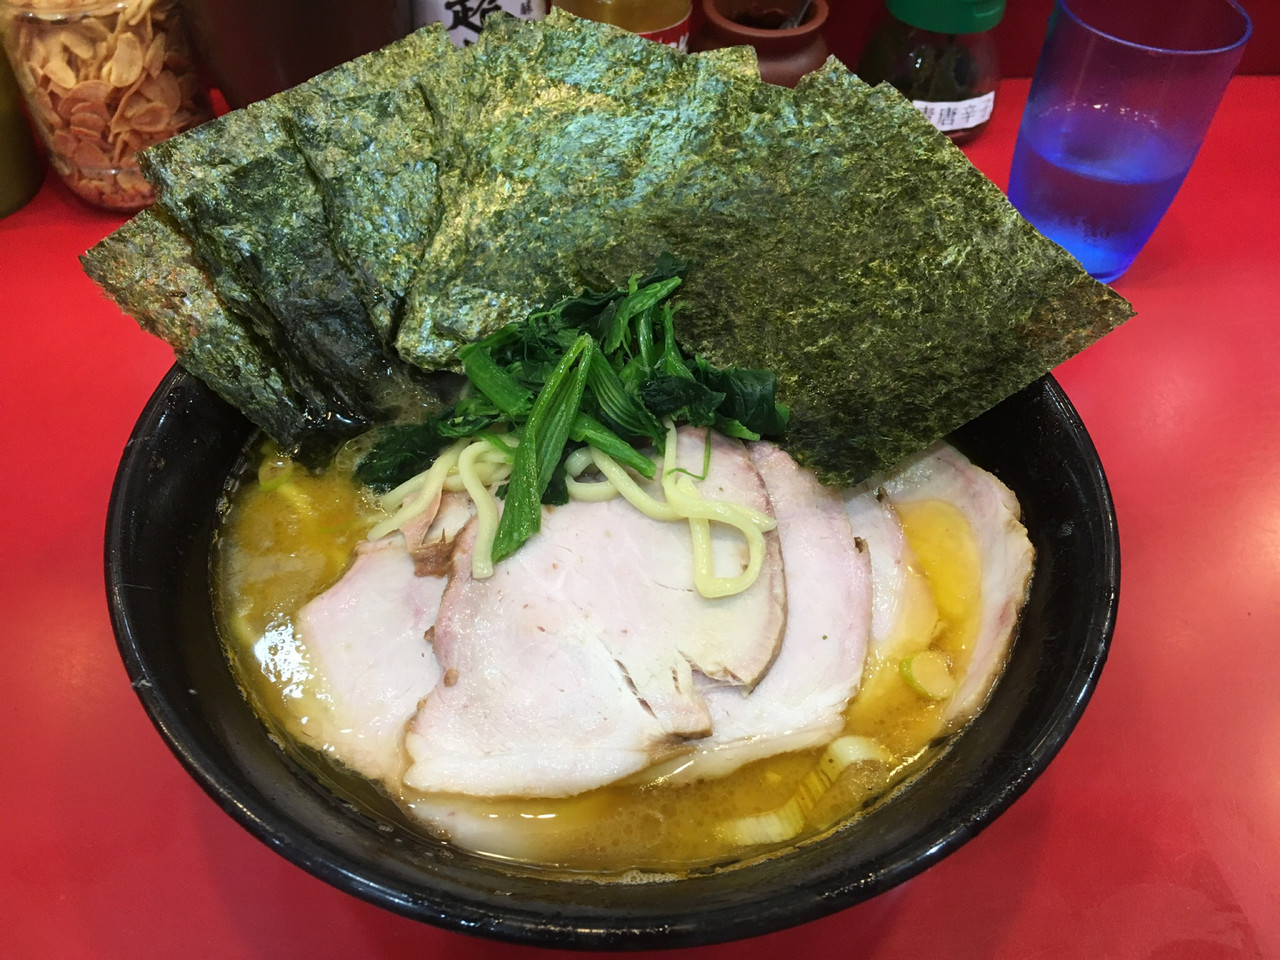 ここだけは絶対外せない 横浜周辺の人気ラーメン店17選 - サムネイル